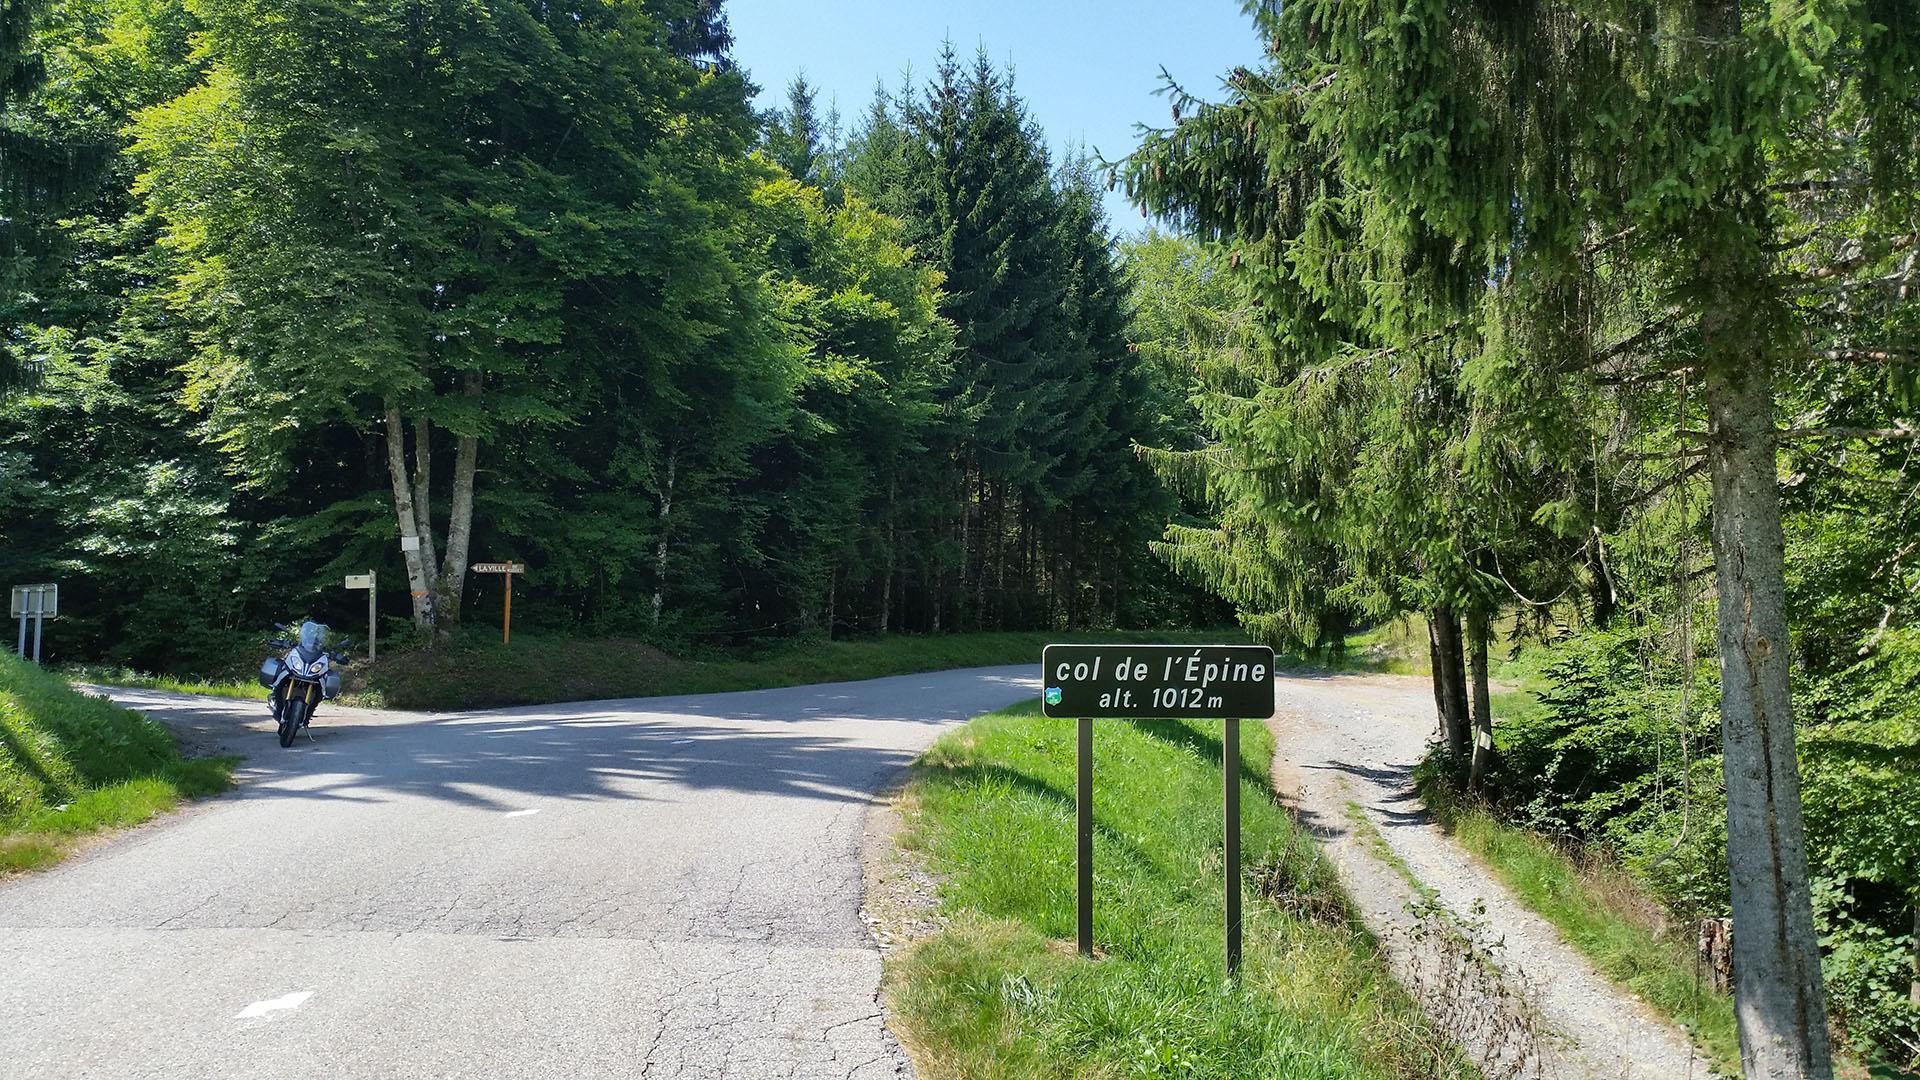 0947 - F - Col de l'Épine (Tafel falsch)